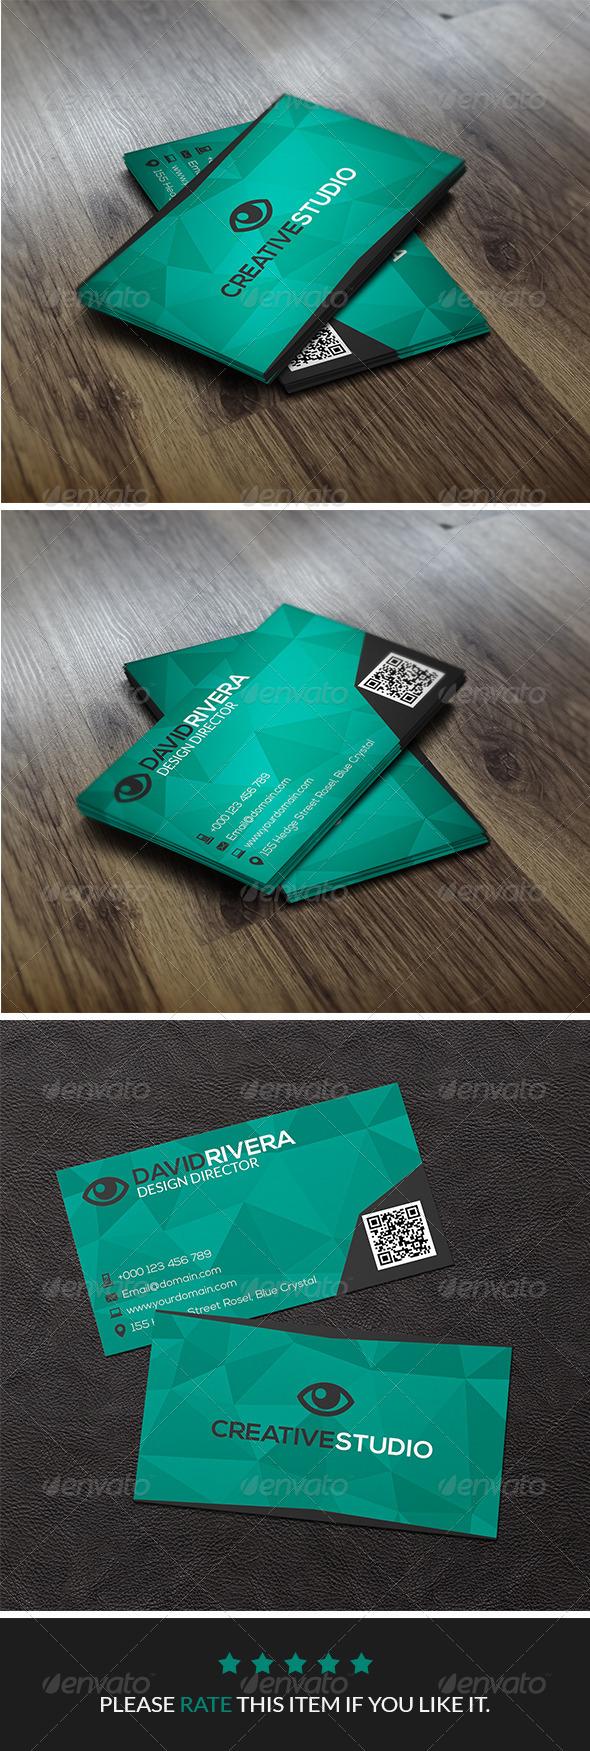 GraphicRiver Creative Studio Business Card Vol.1 7950985